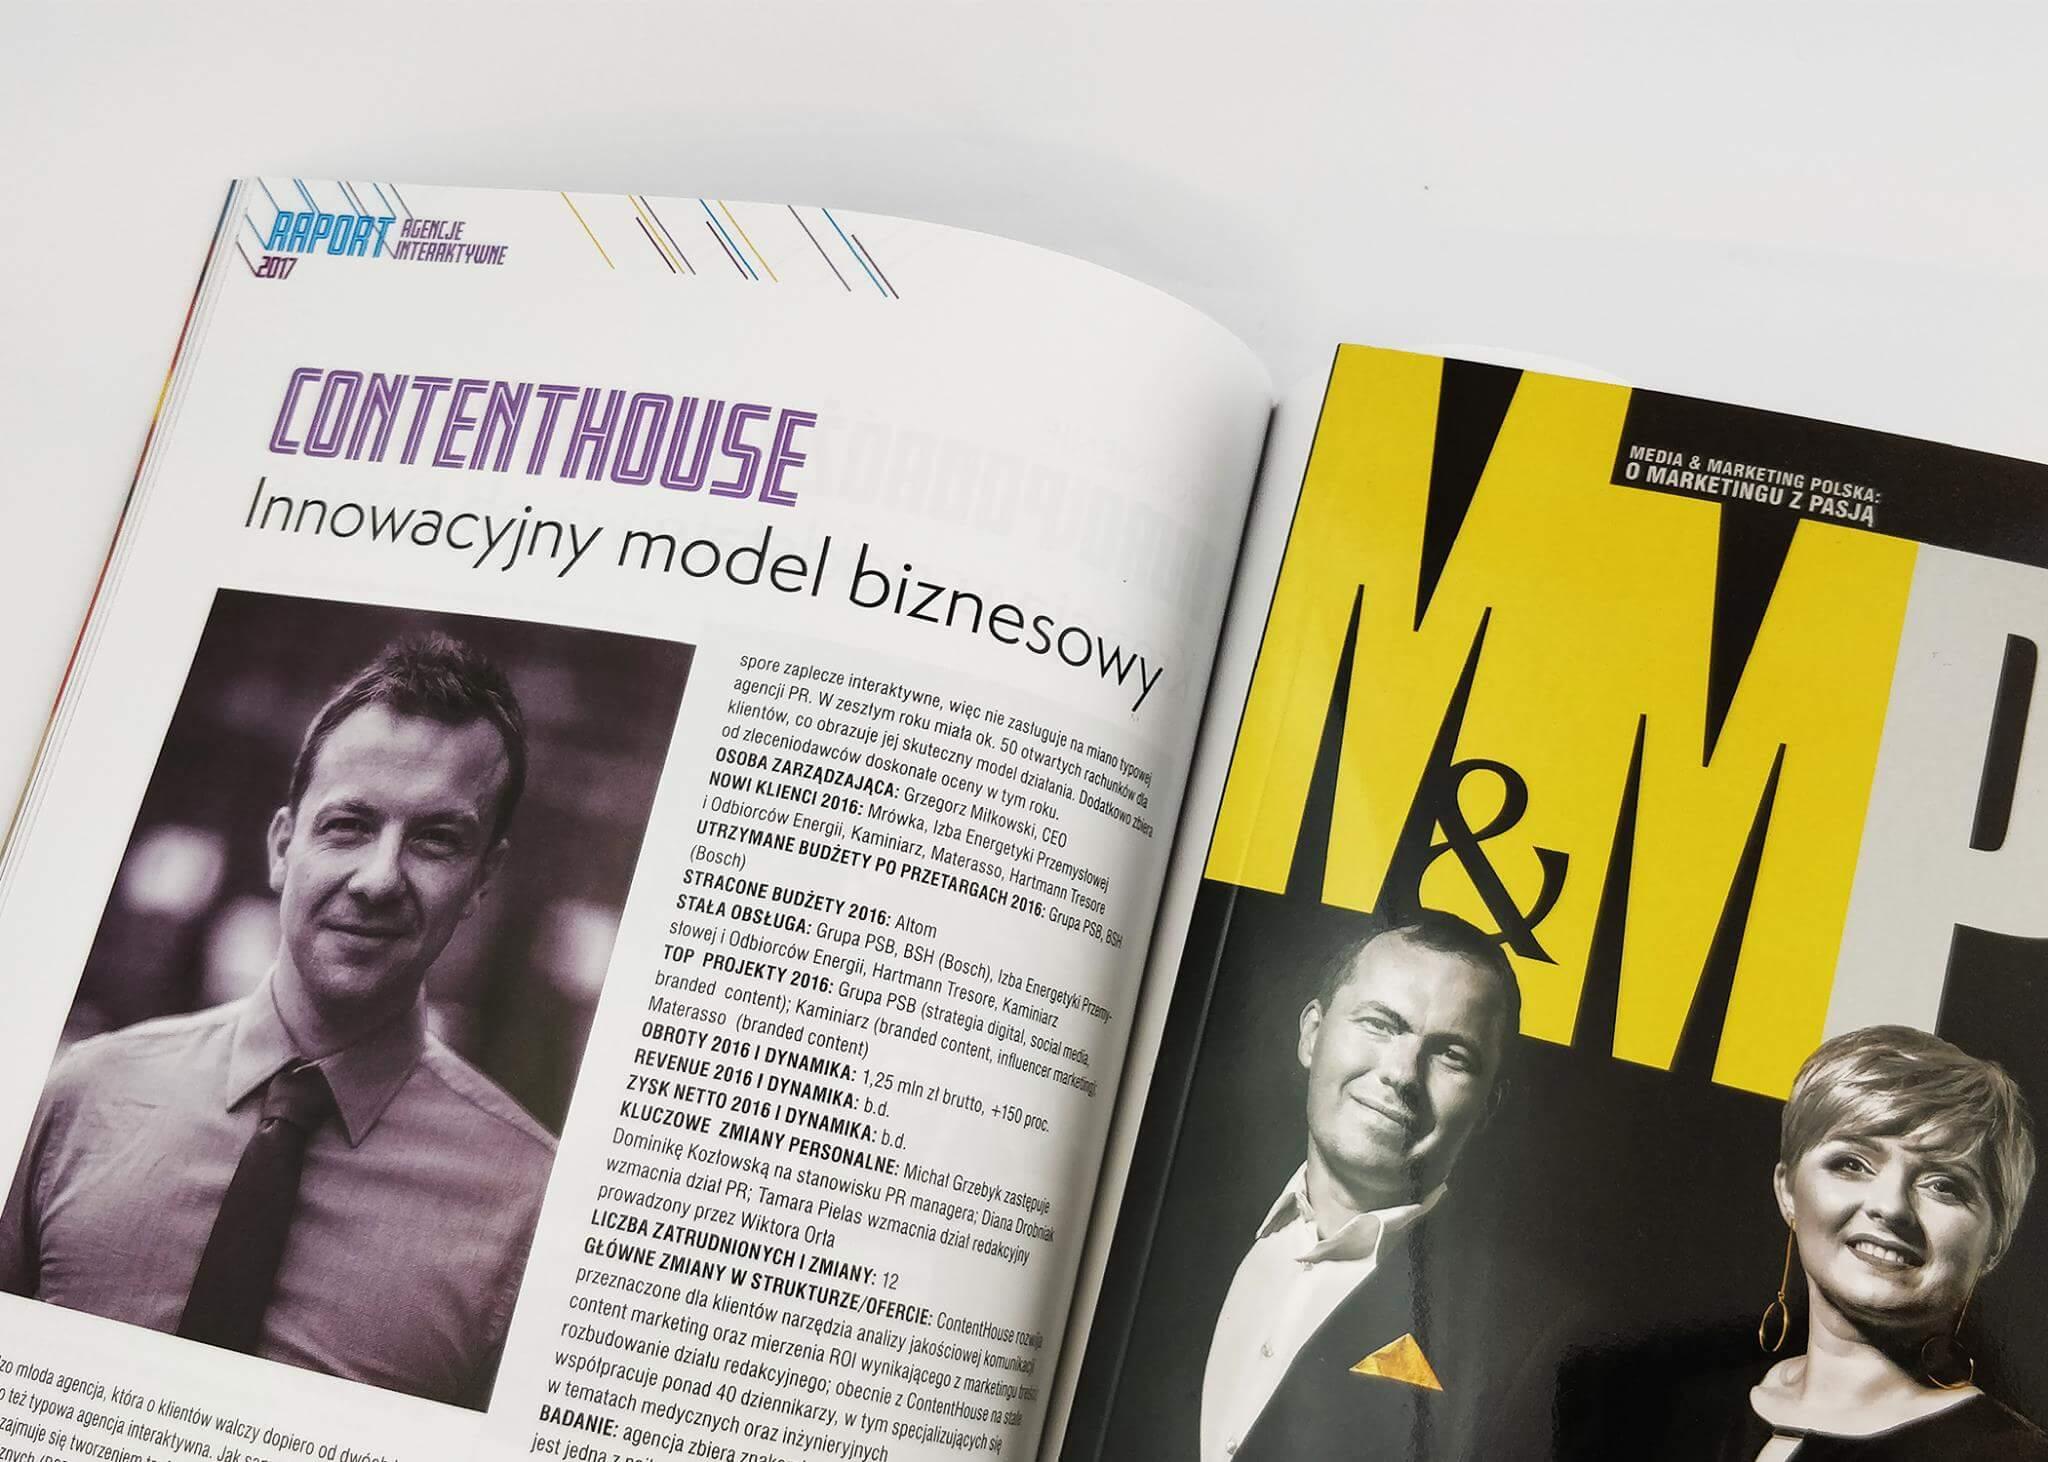 agencja interaktywna roku wyróżnienie innowacyjny model biznesowy contenthouse